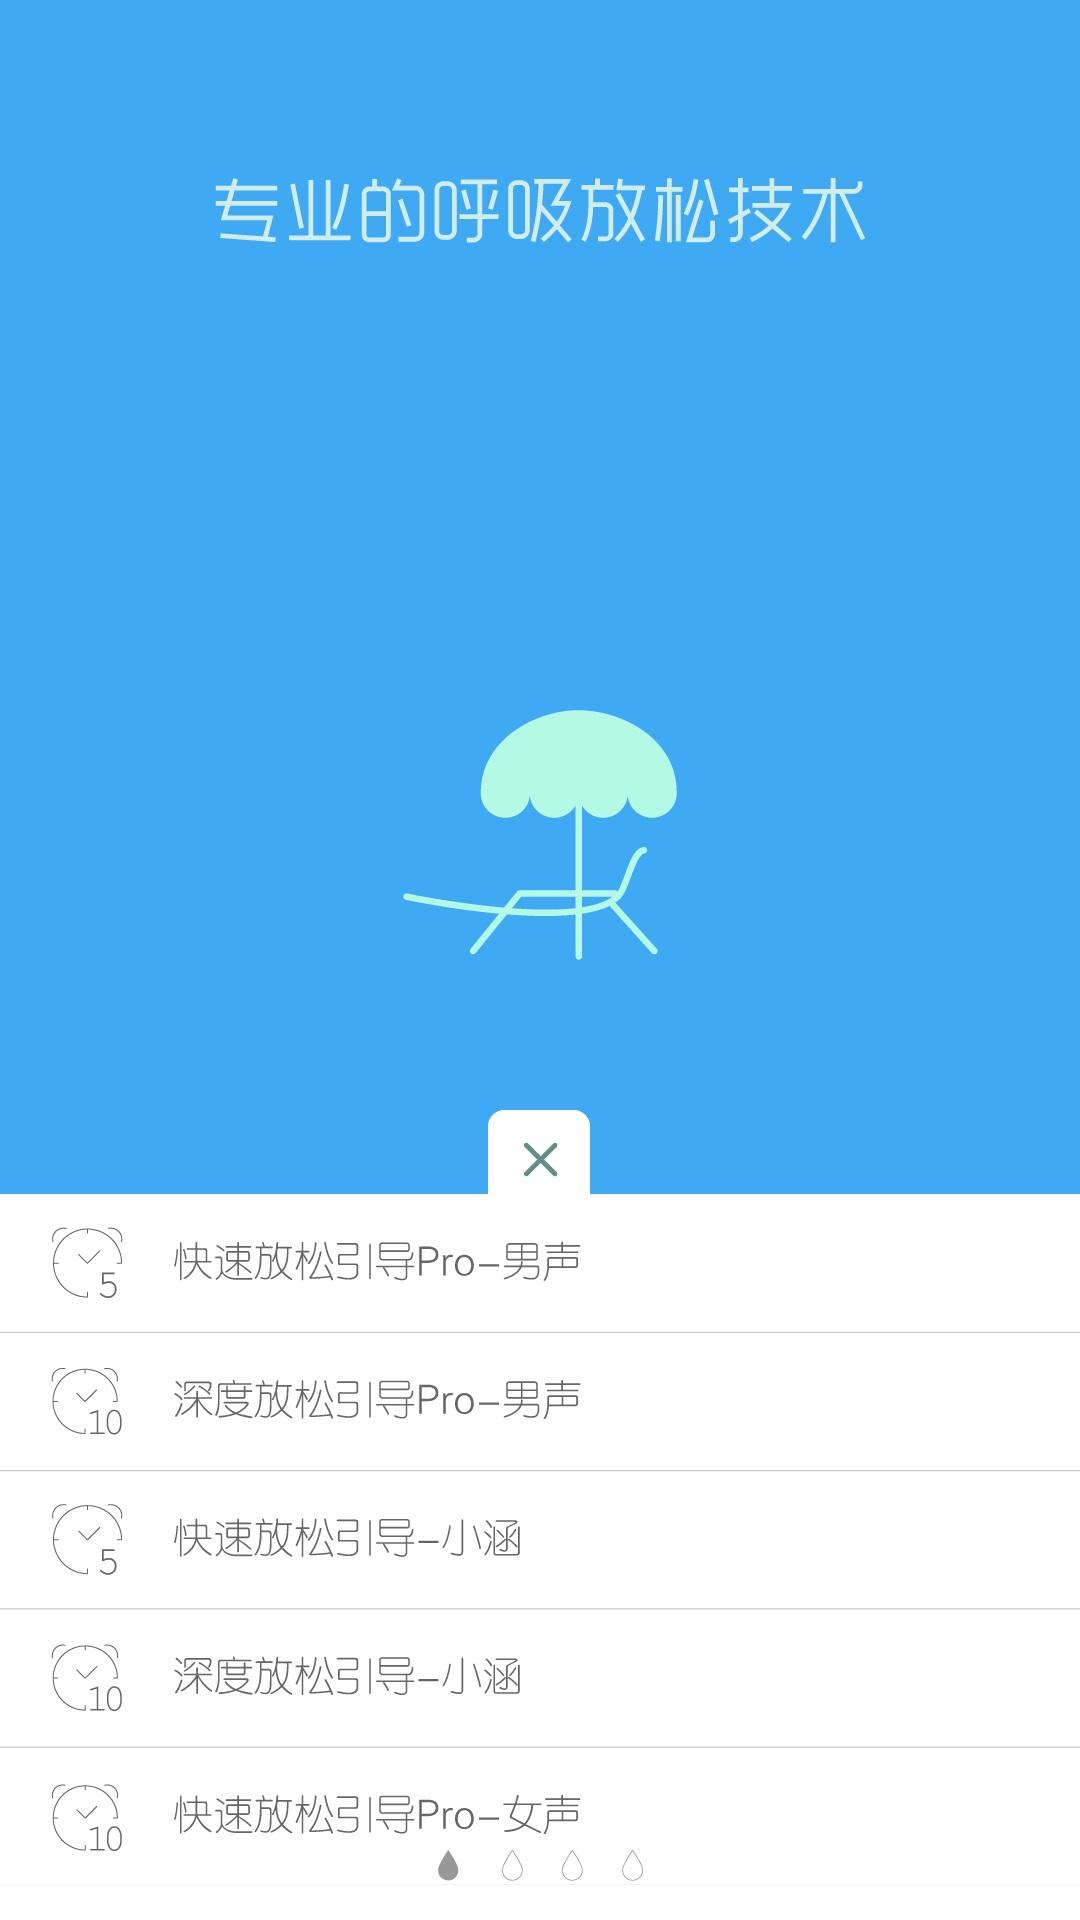 催眠睡眠放松大师app v1.7 安卓版界面图1